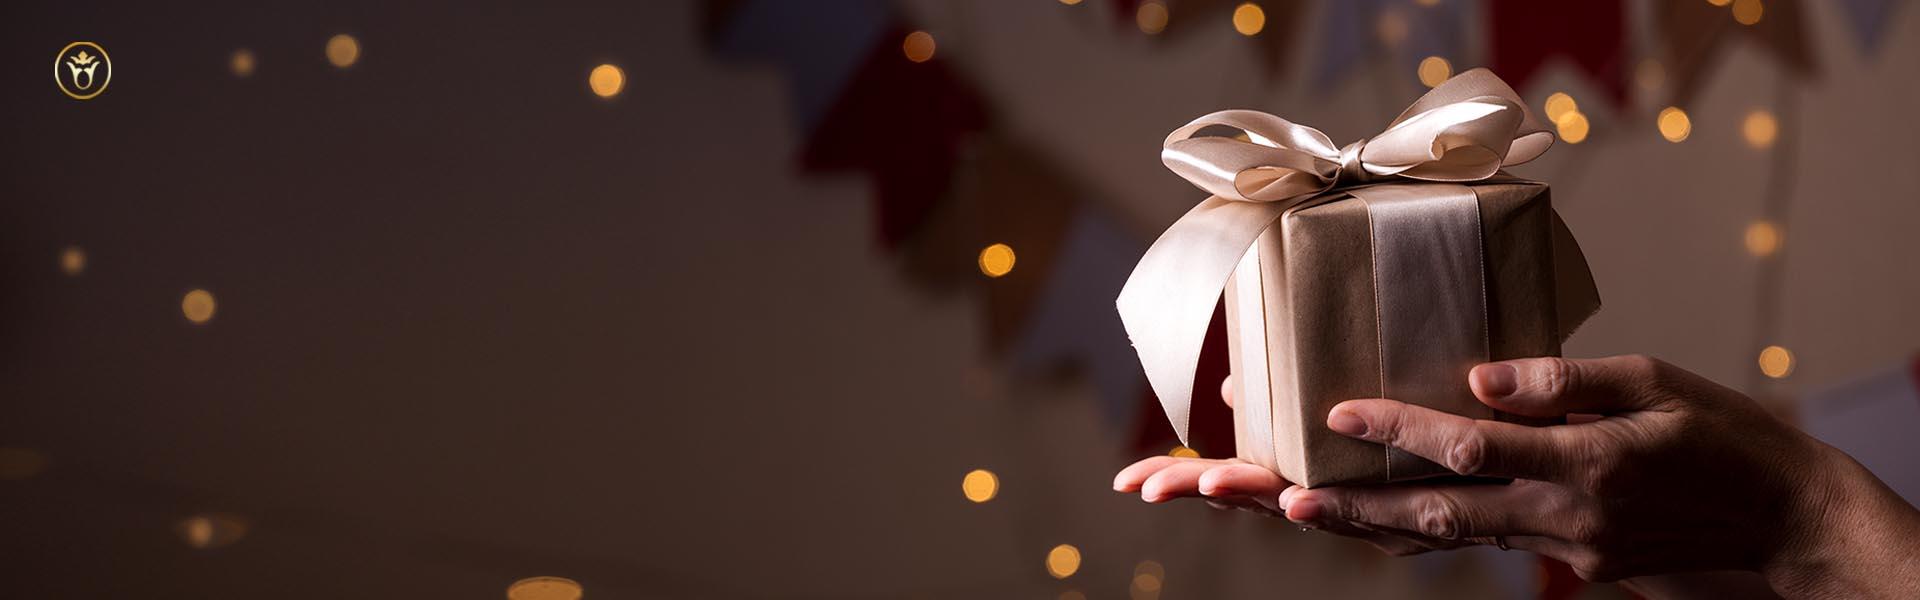 Promocja na Świąteczny Voucher